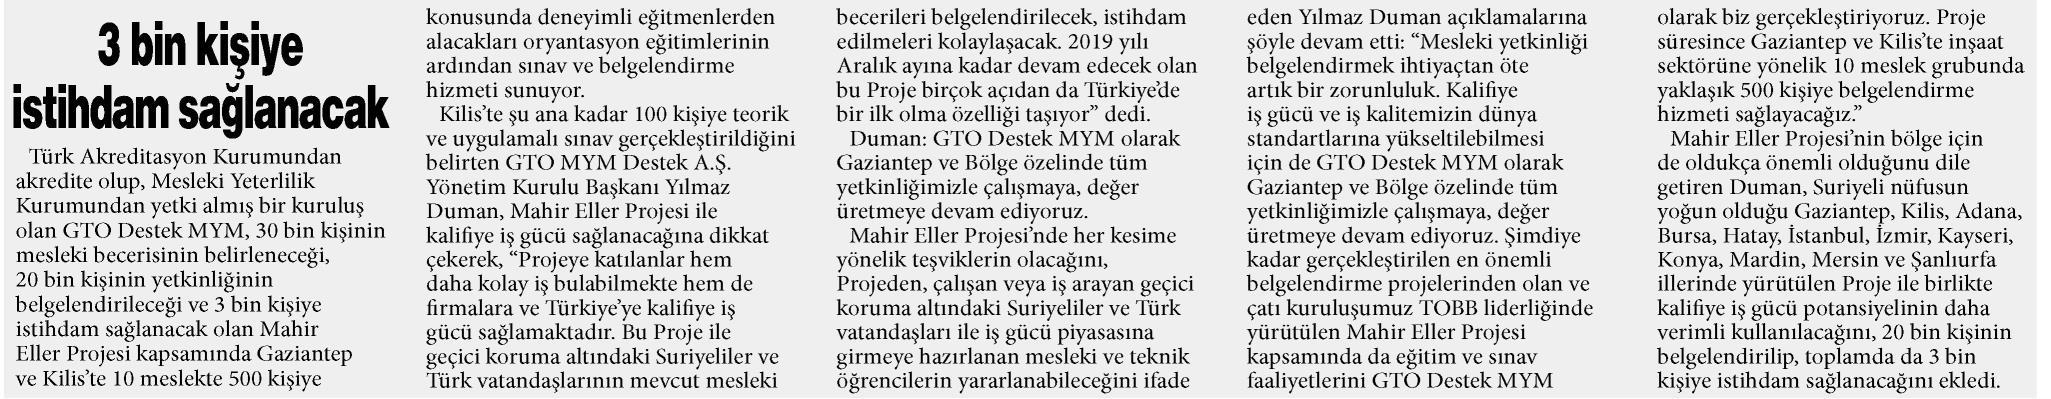 3 Bin Kişiye İstihdam Sağlanacak Gaziantep Sabah